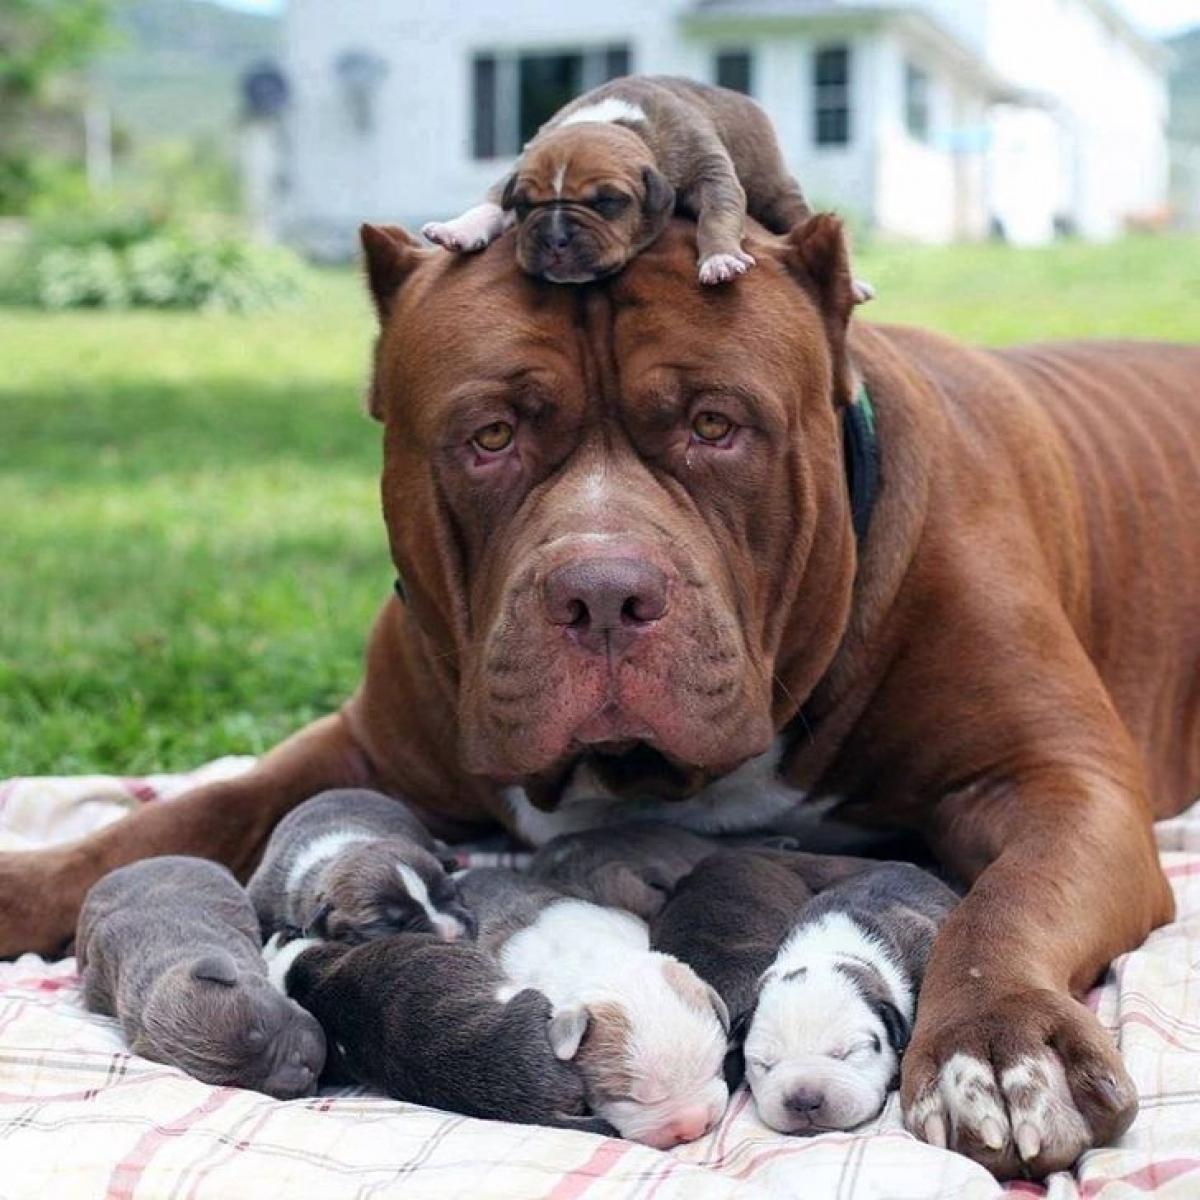 Bình thường thì nhìn cũng hung dữ lắm nhưng lúc làm mẹ thì hiền khô.